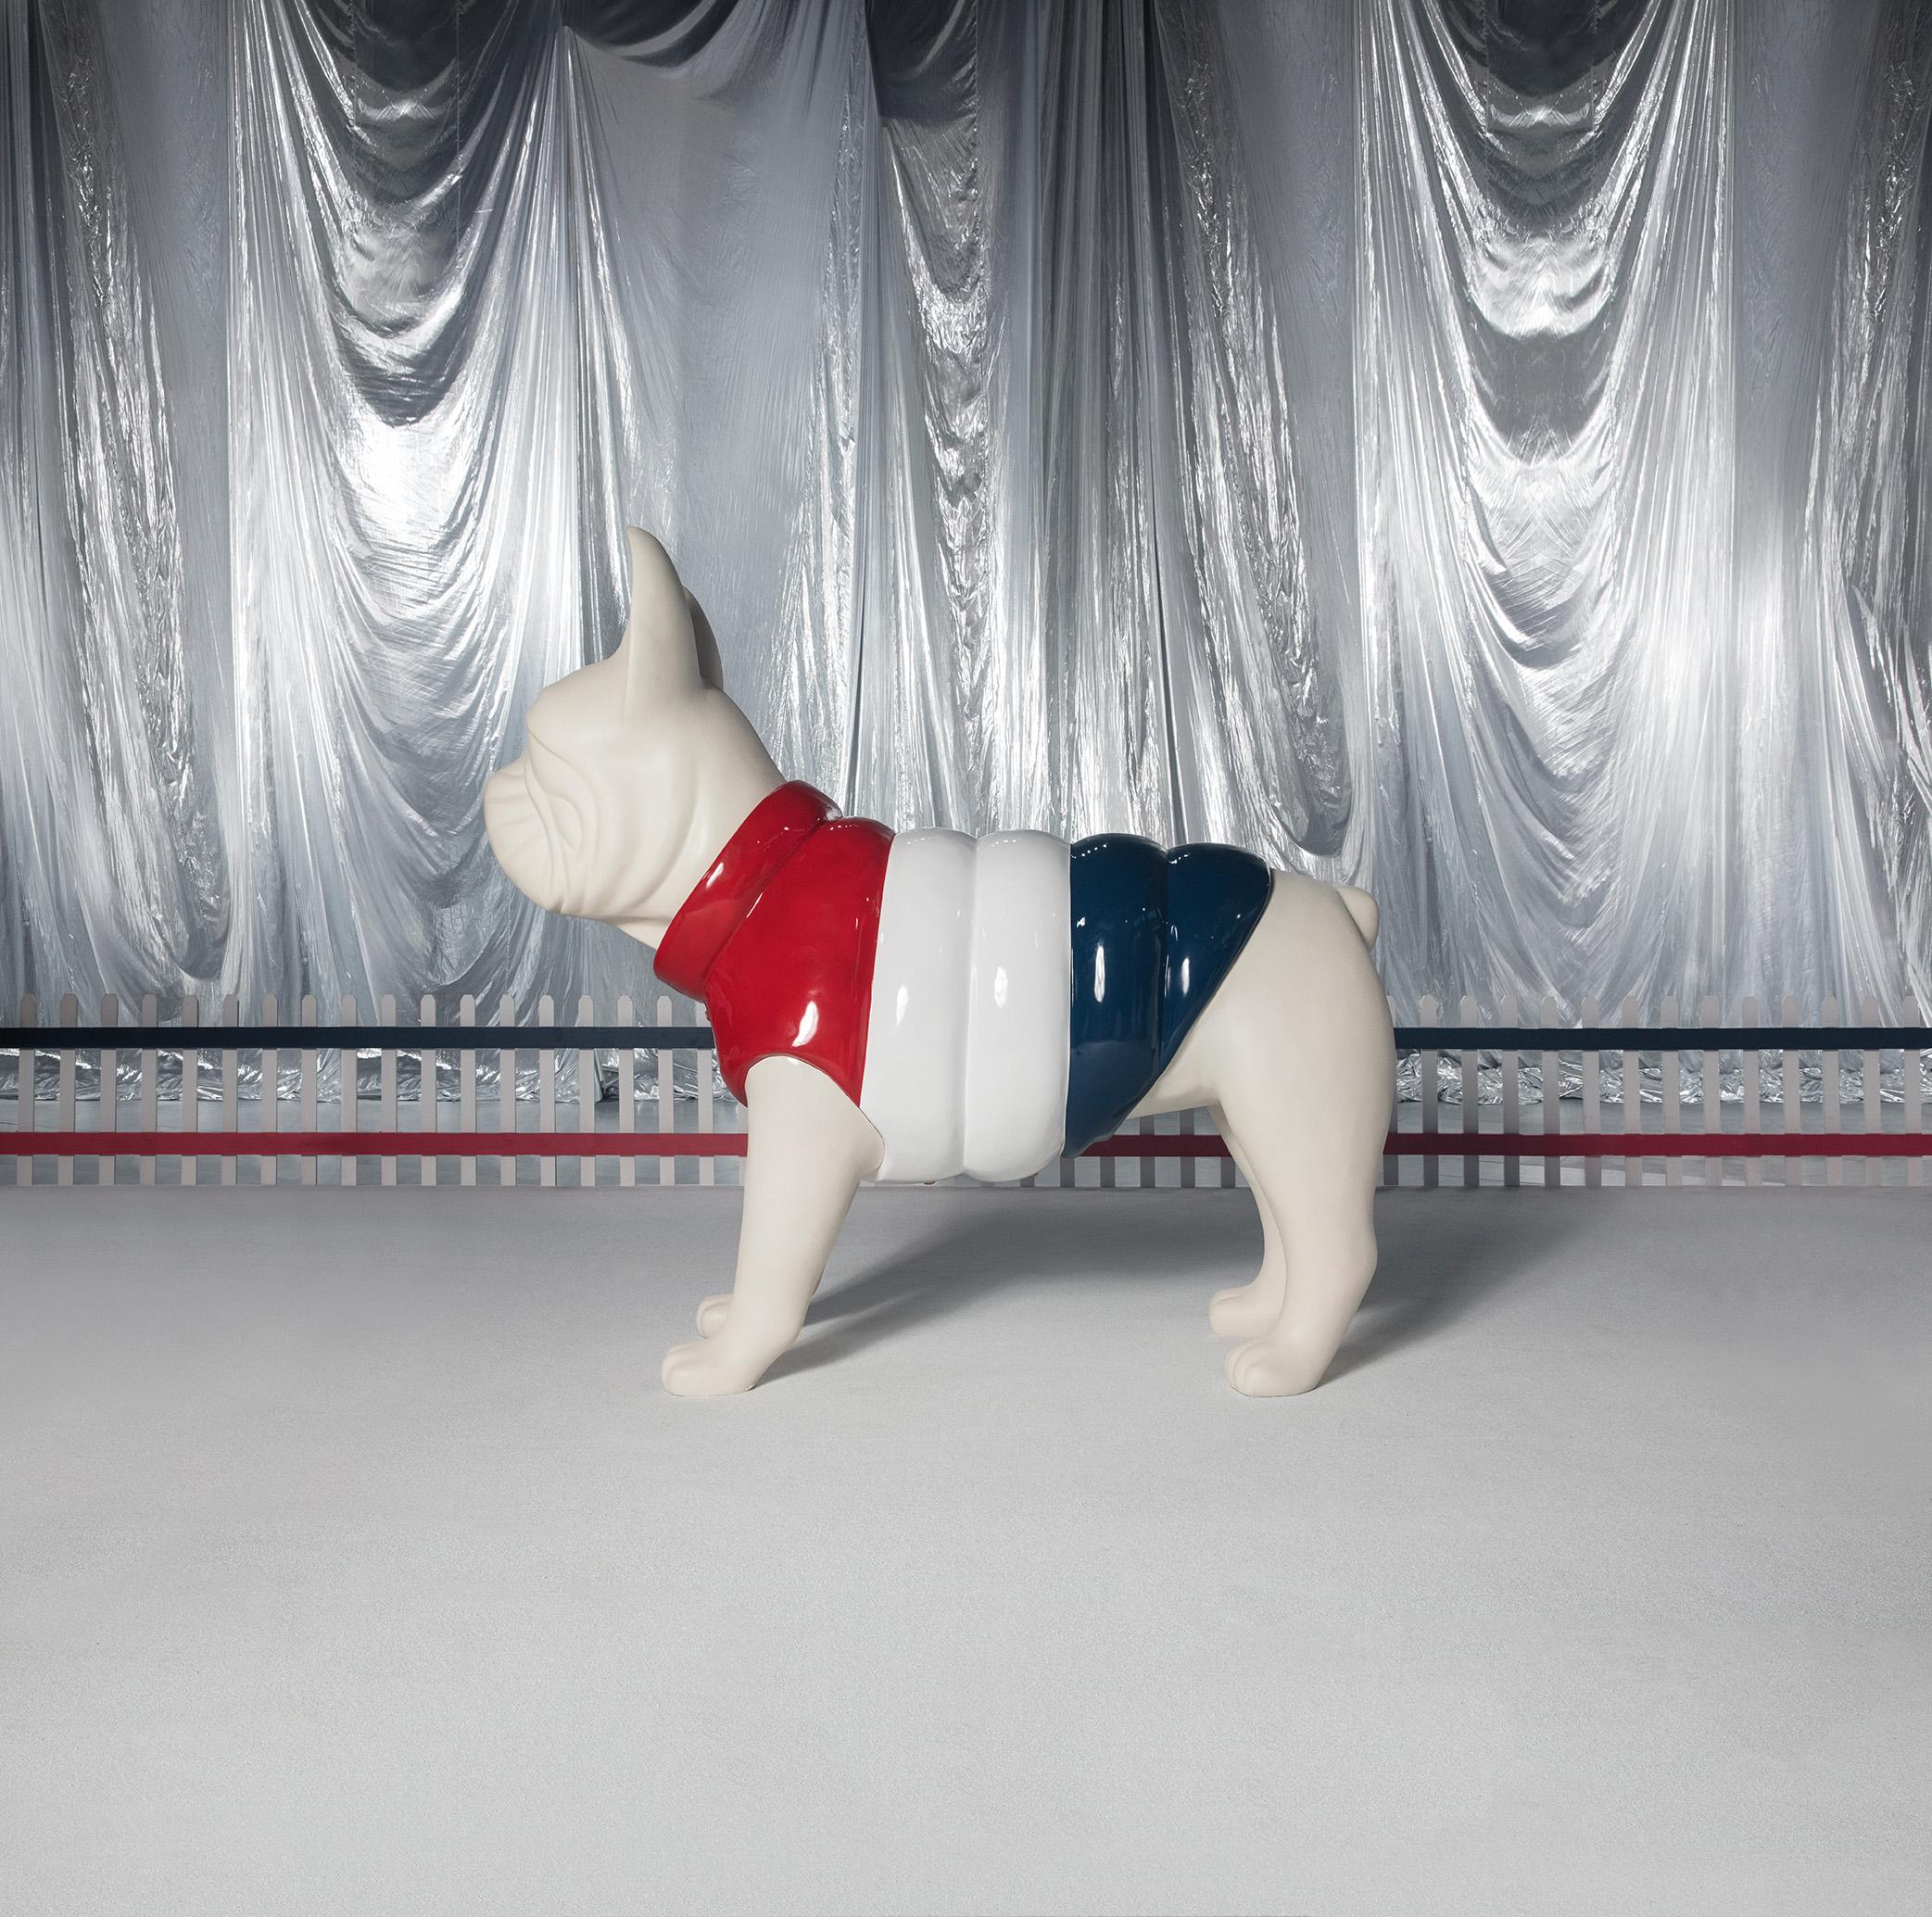 Moncler Poldo Dog Couture